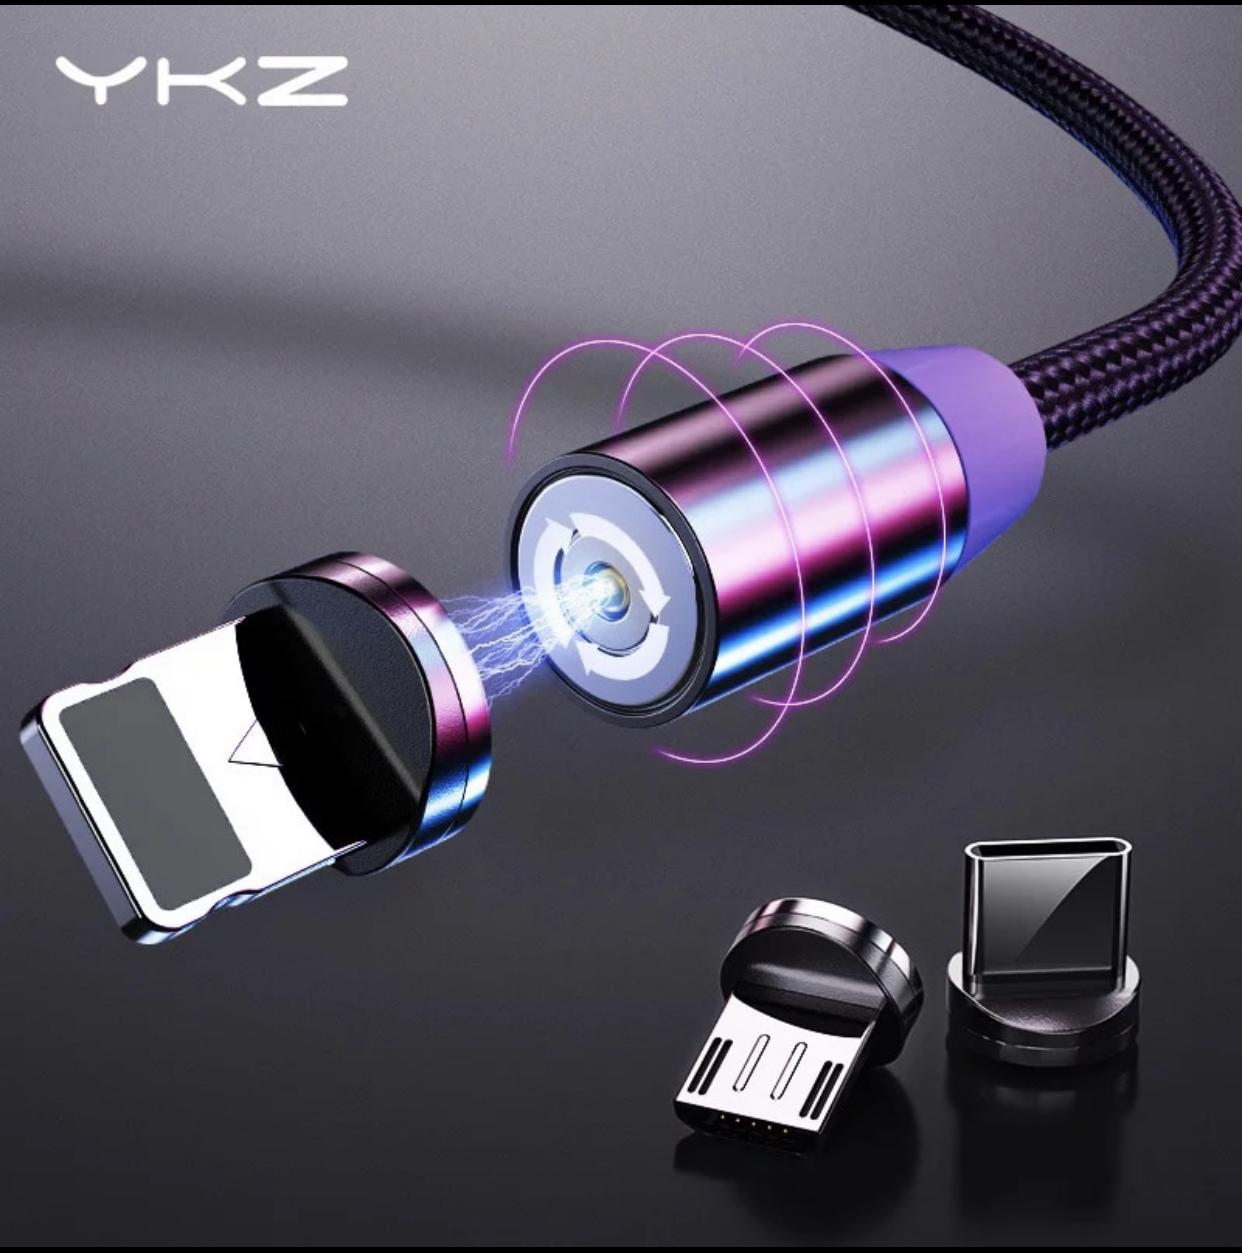 Kabel magnetyczny YKZ, 2,4A, 1m (Lightning, USB-C, micro USB)